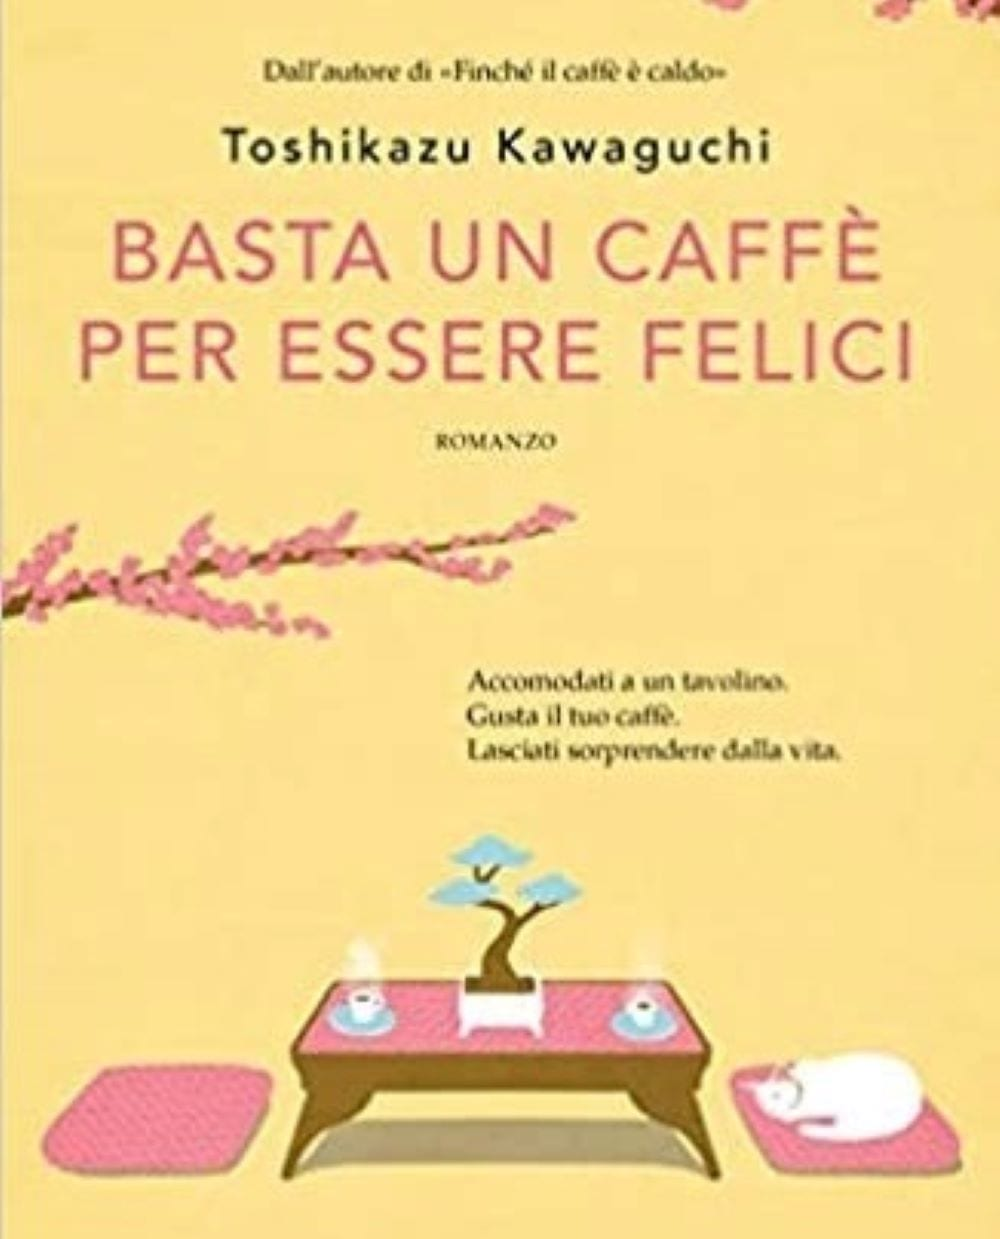 Basta un caffè per essere felici libro Kawaguchi